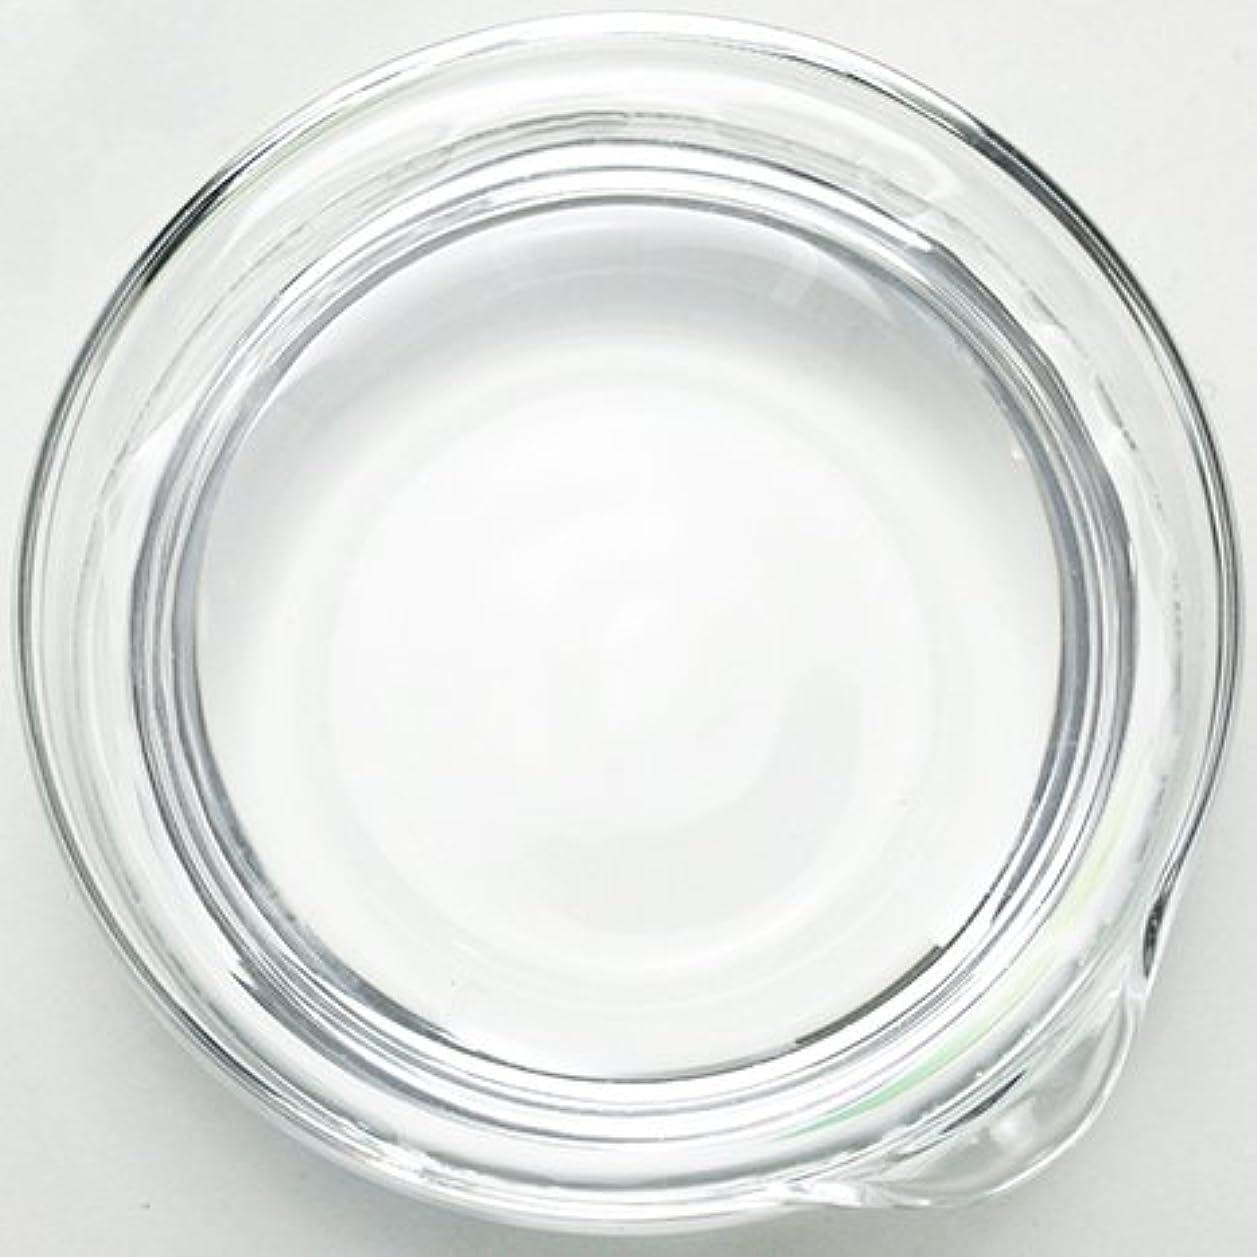 裂け目胸アンタゴニスト濃グリセリン[植物性] 50ml 【手作り石鹸/手作りコスメ】